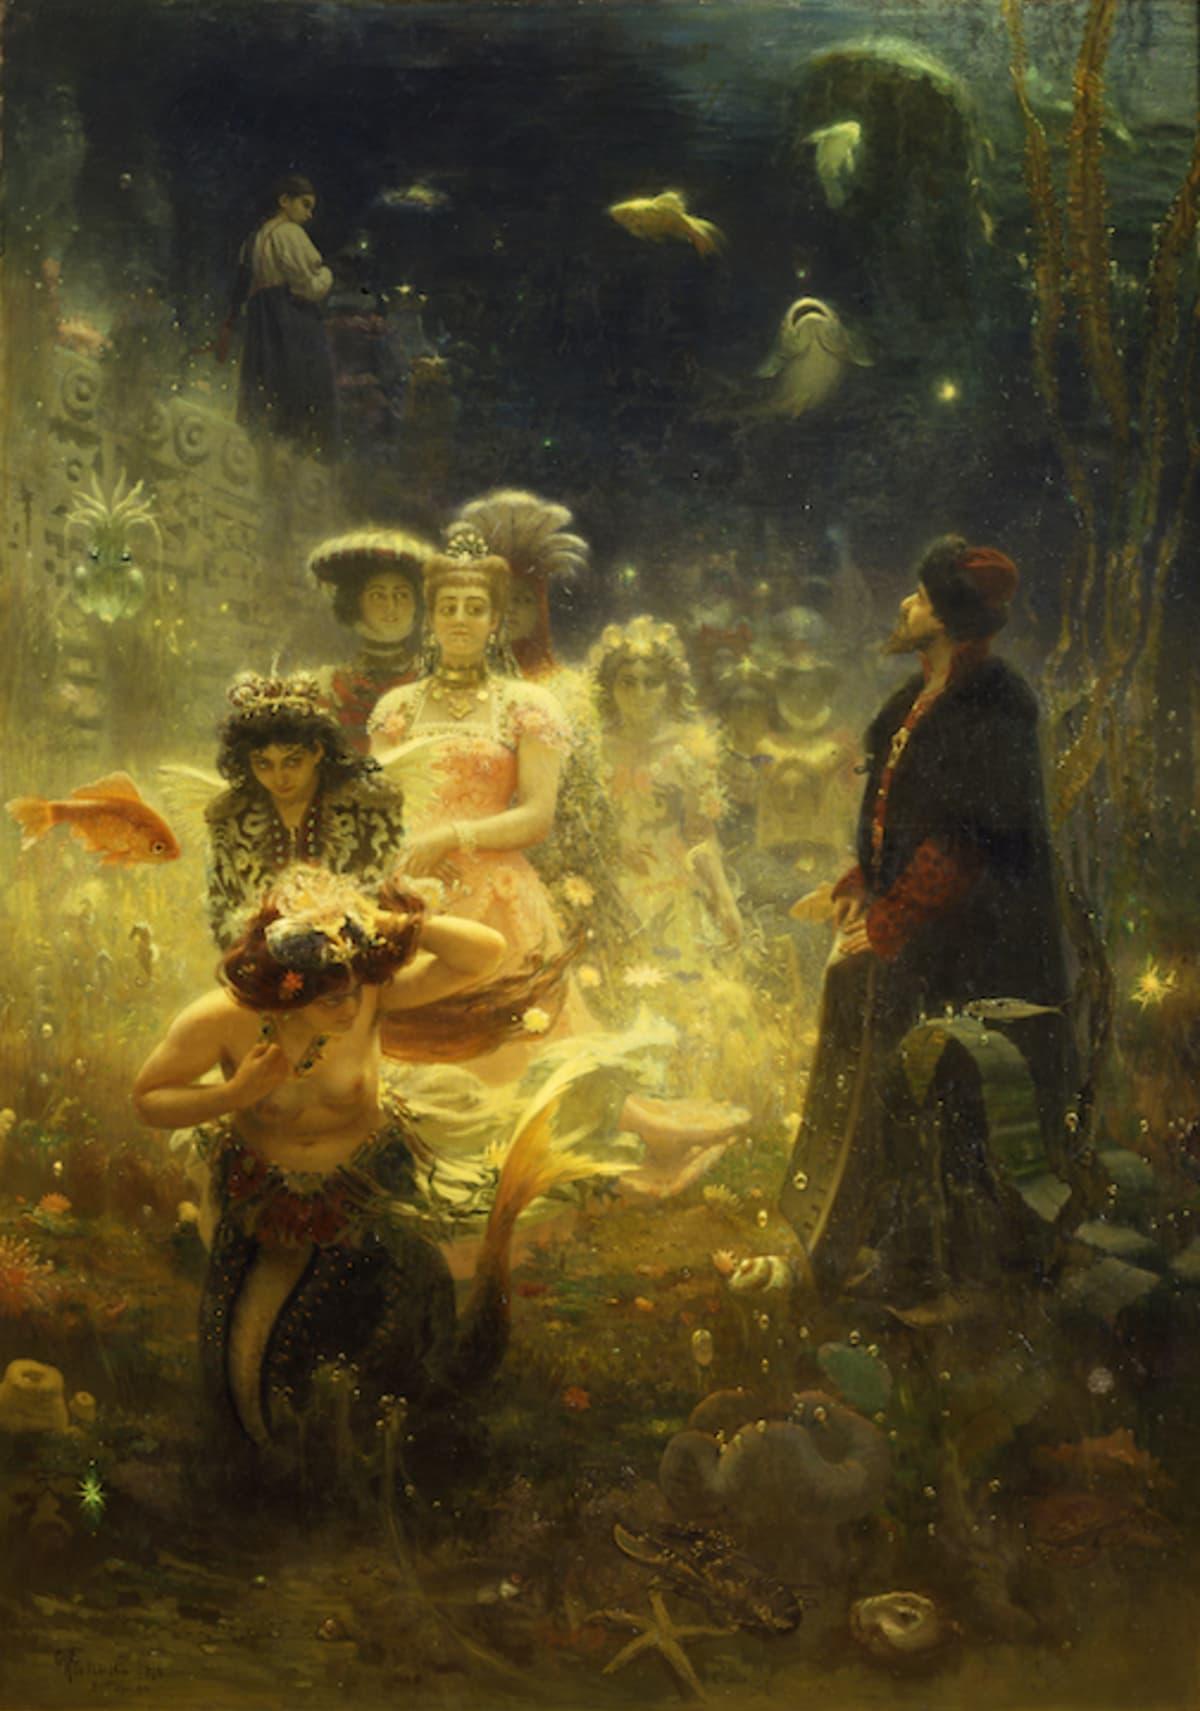 Ilja Repin: Sadko vedenalaisessa valtakunnassa. Mies meren pohjassa veden kuninkaan tyttärien luona.